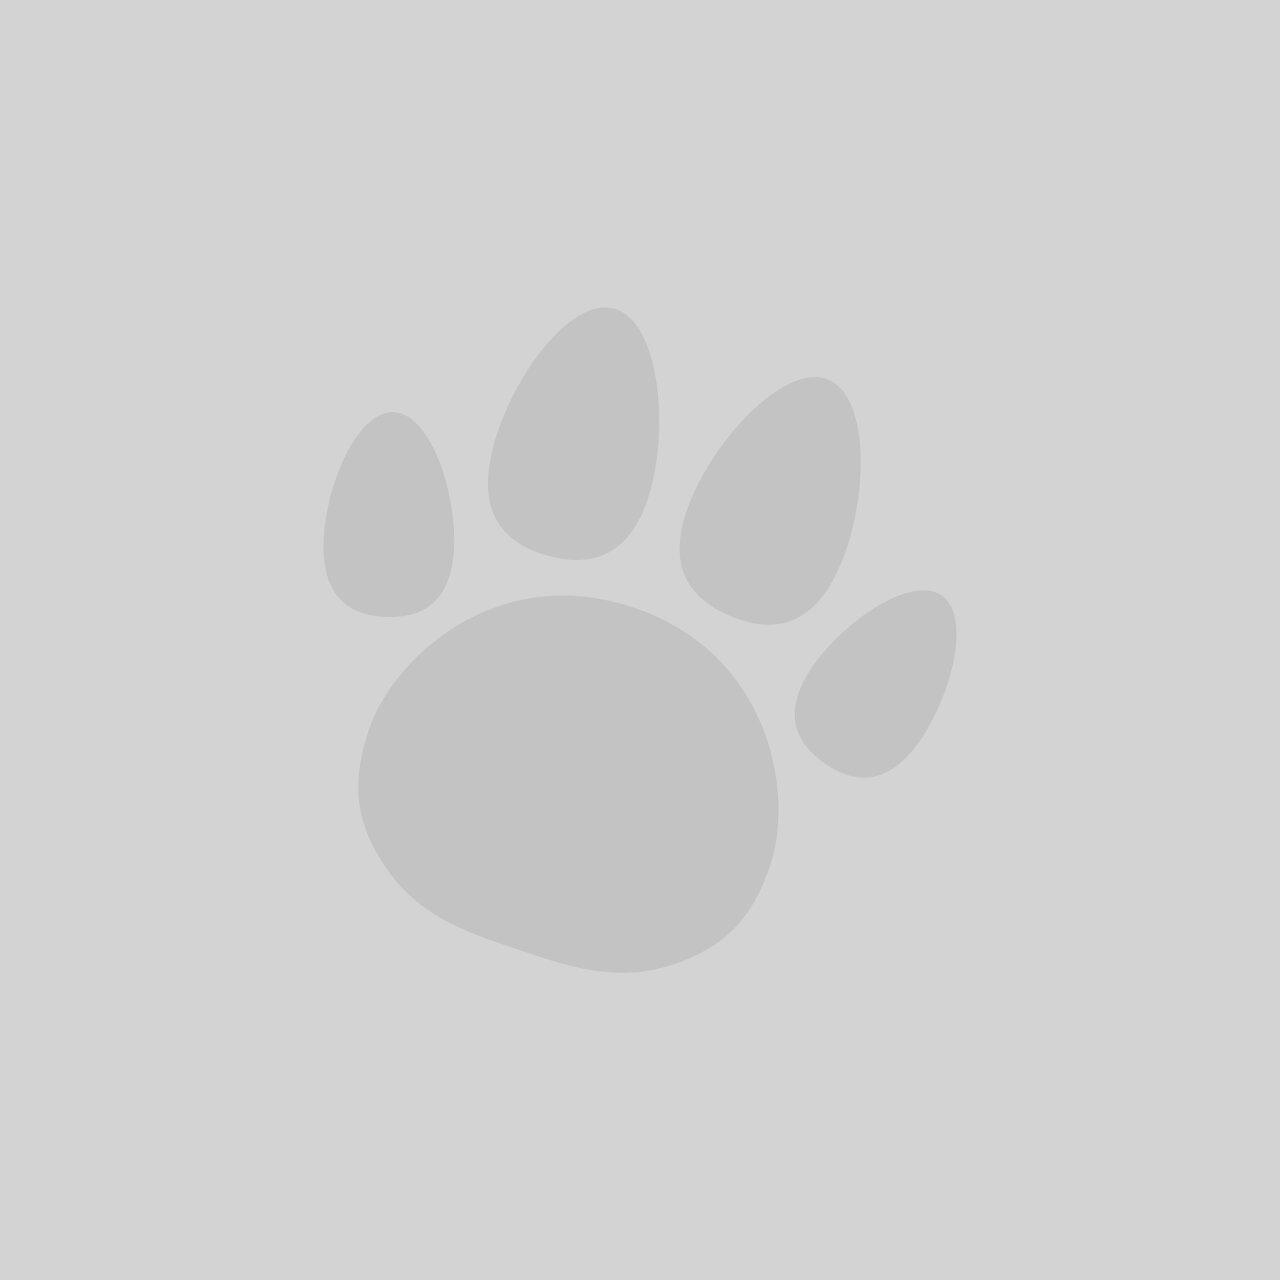 Rufus & Rosie Groom Puppy Grooming Starter Set